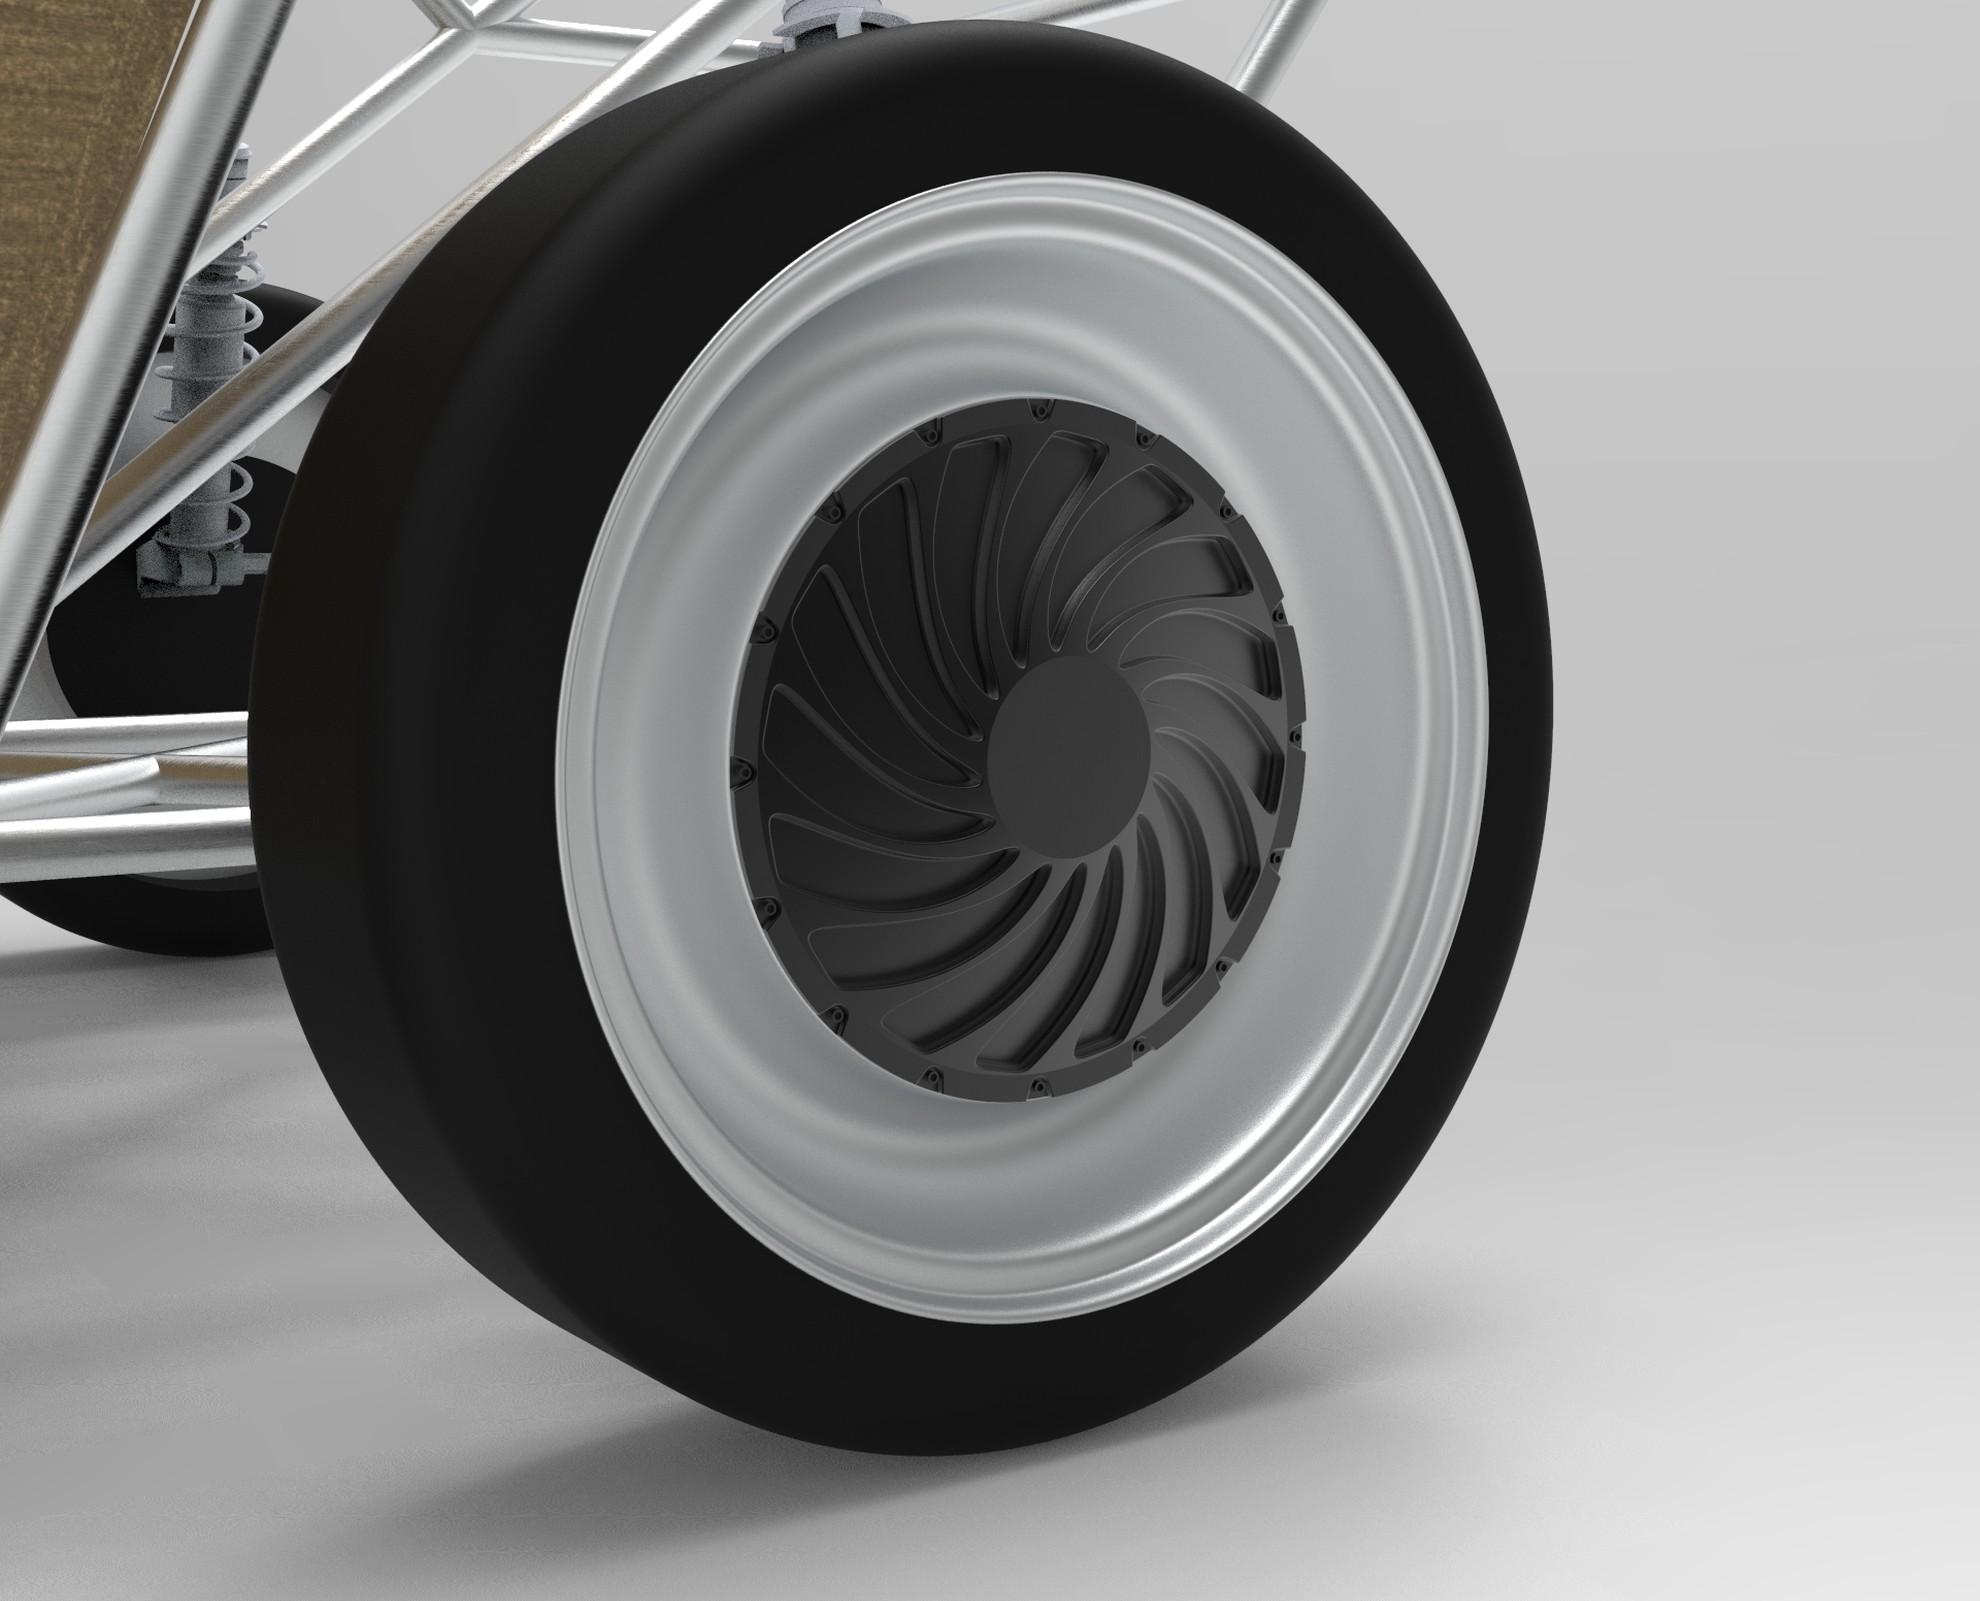 Die Radnabenmotoren bringen Luca in Schwung. (Foto: Luxion / TU/ecomotive)